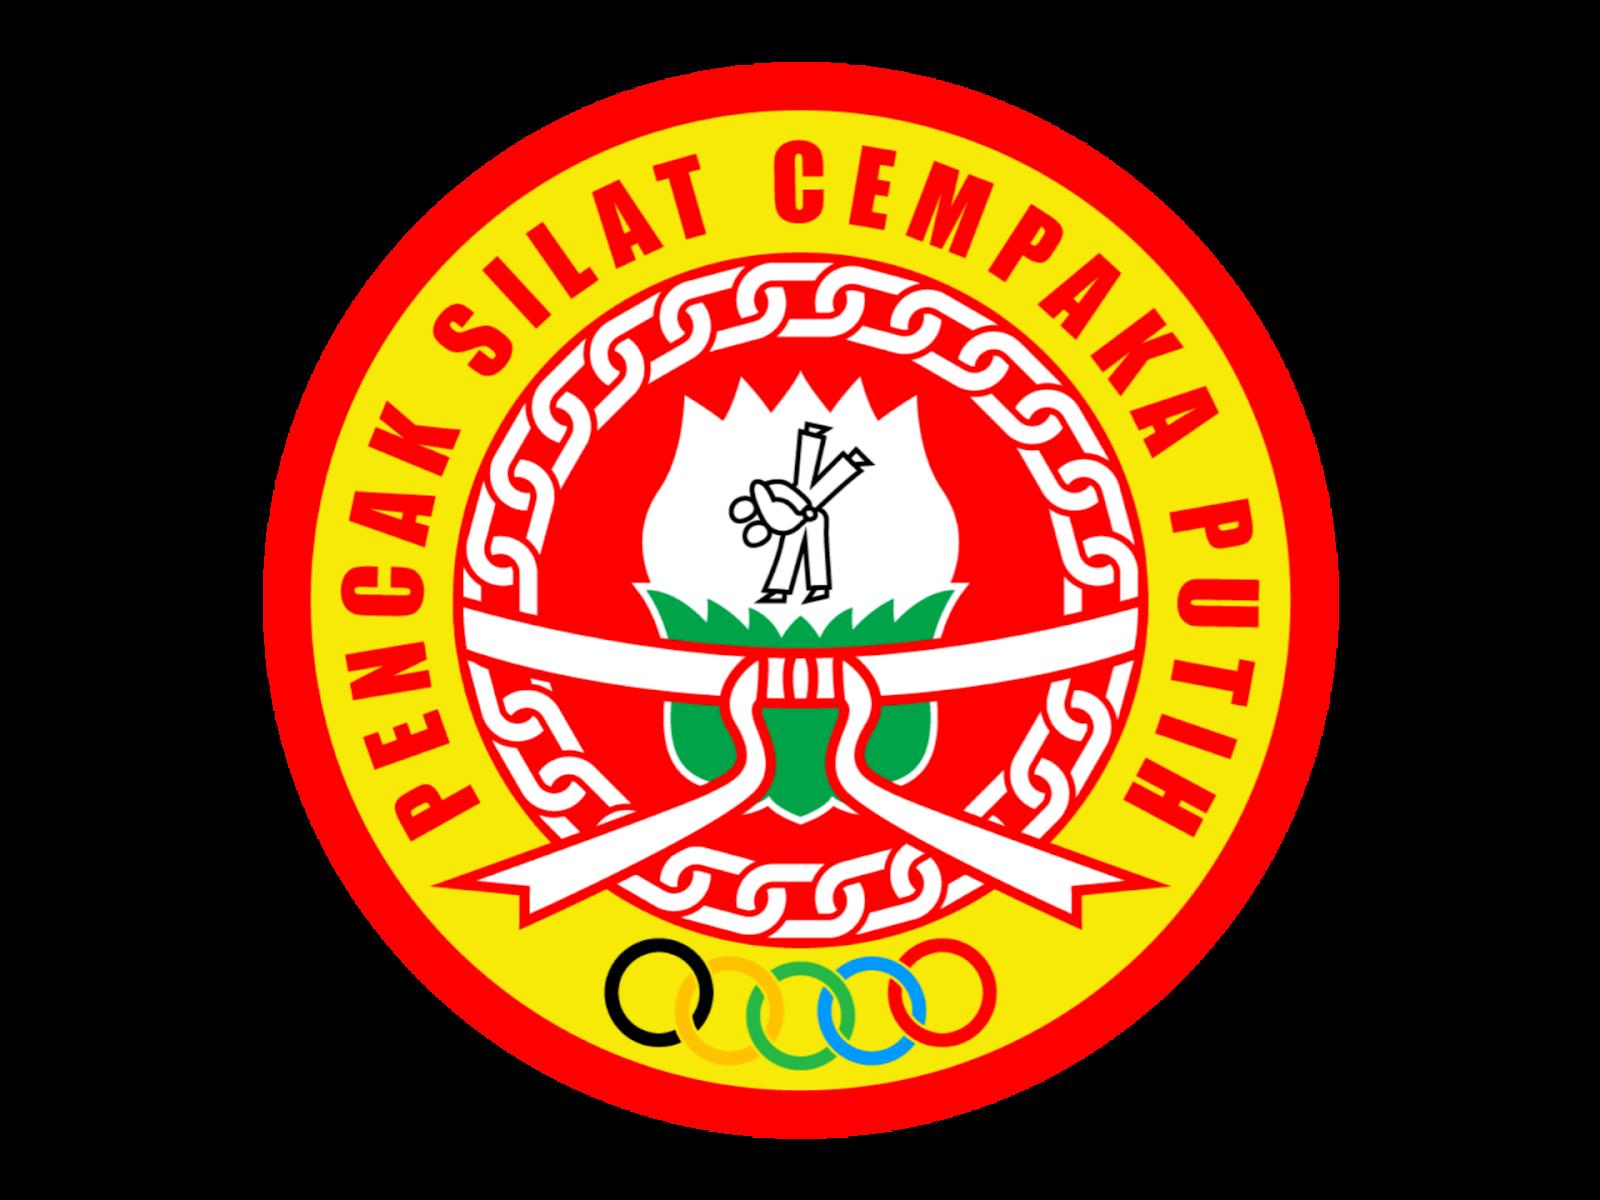 Logo Pencak Silat Cempaka Putih Format PNG